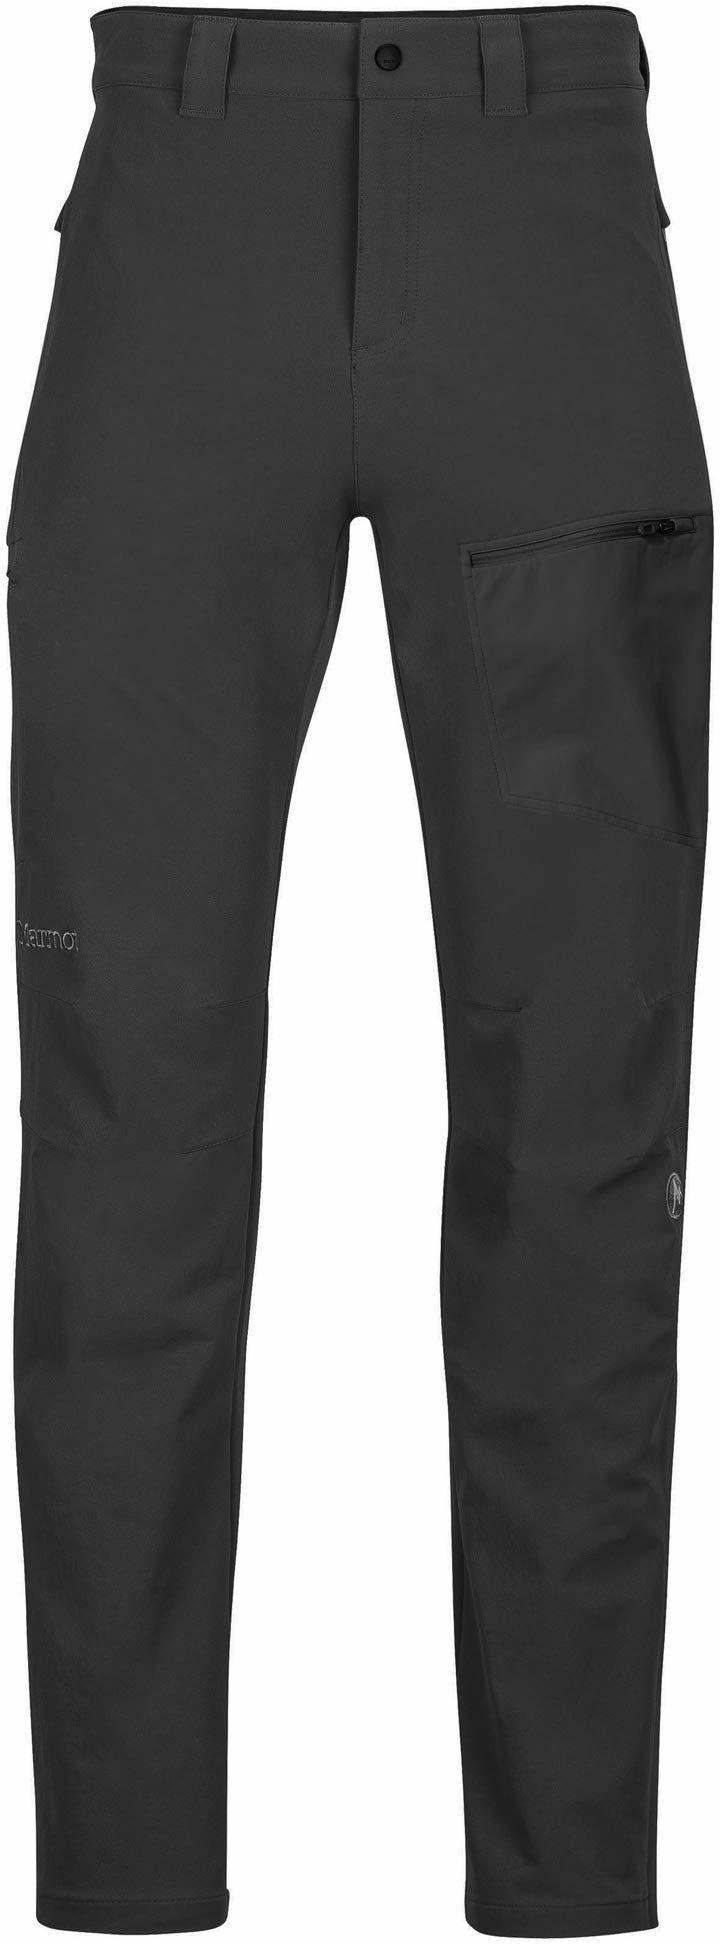 Marmot męskie spodnie do picia, Softshell spodnie trekkingowe, spodnie na zewnątrz, wodoodporne, oddychające, 38, czarne